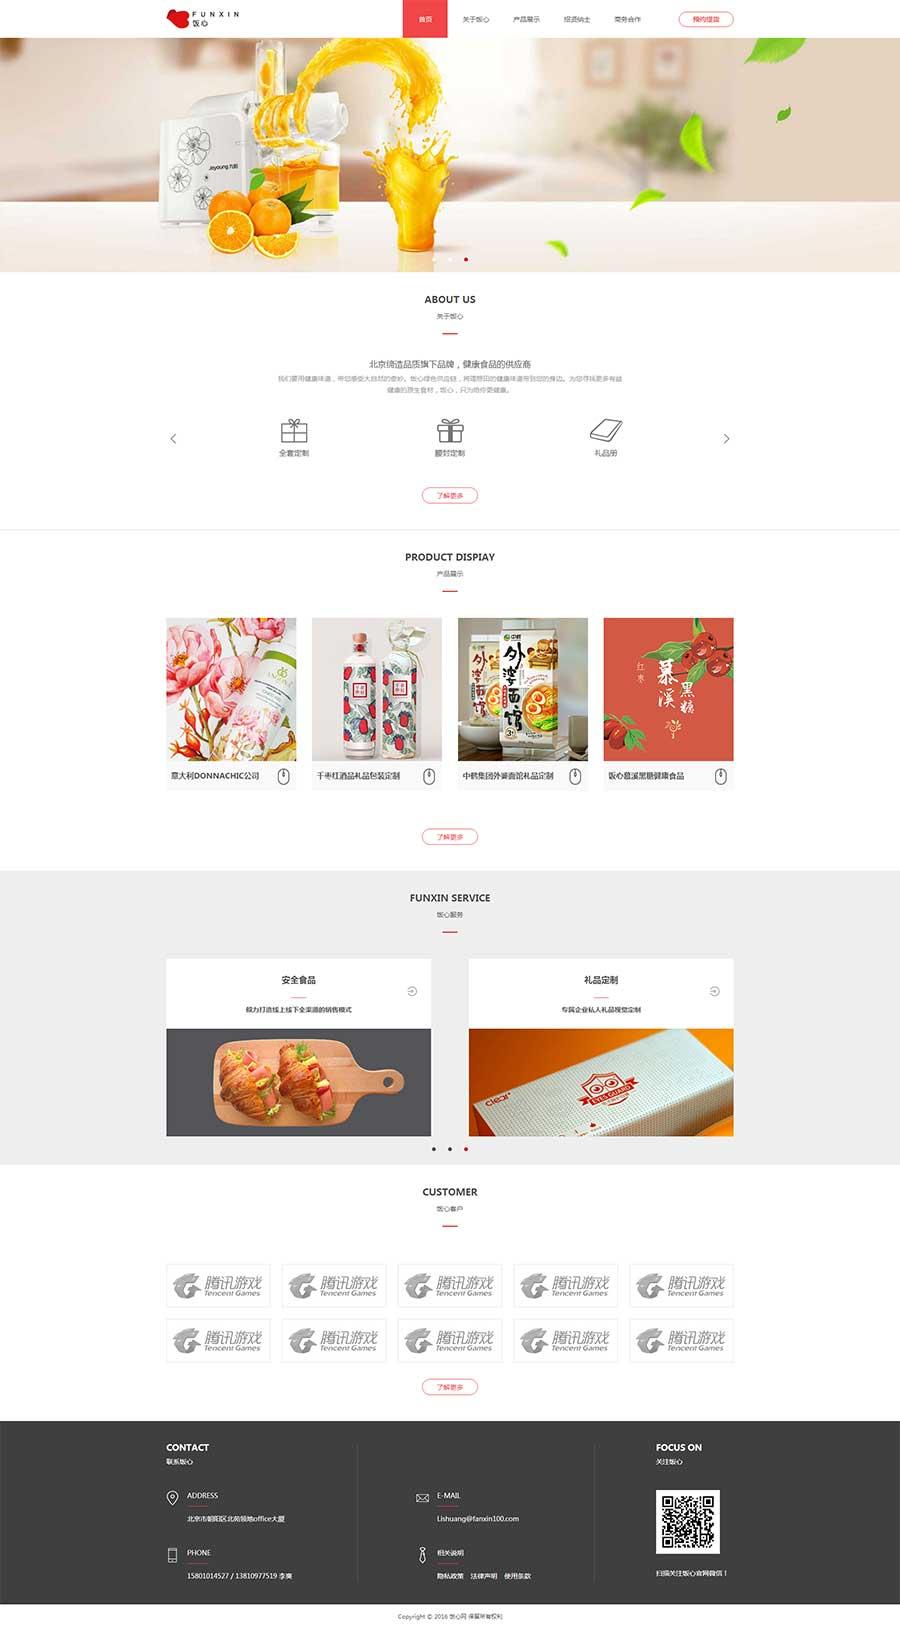 红色简洁精美的食品礼盒包装定制设计公司网站模板